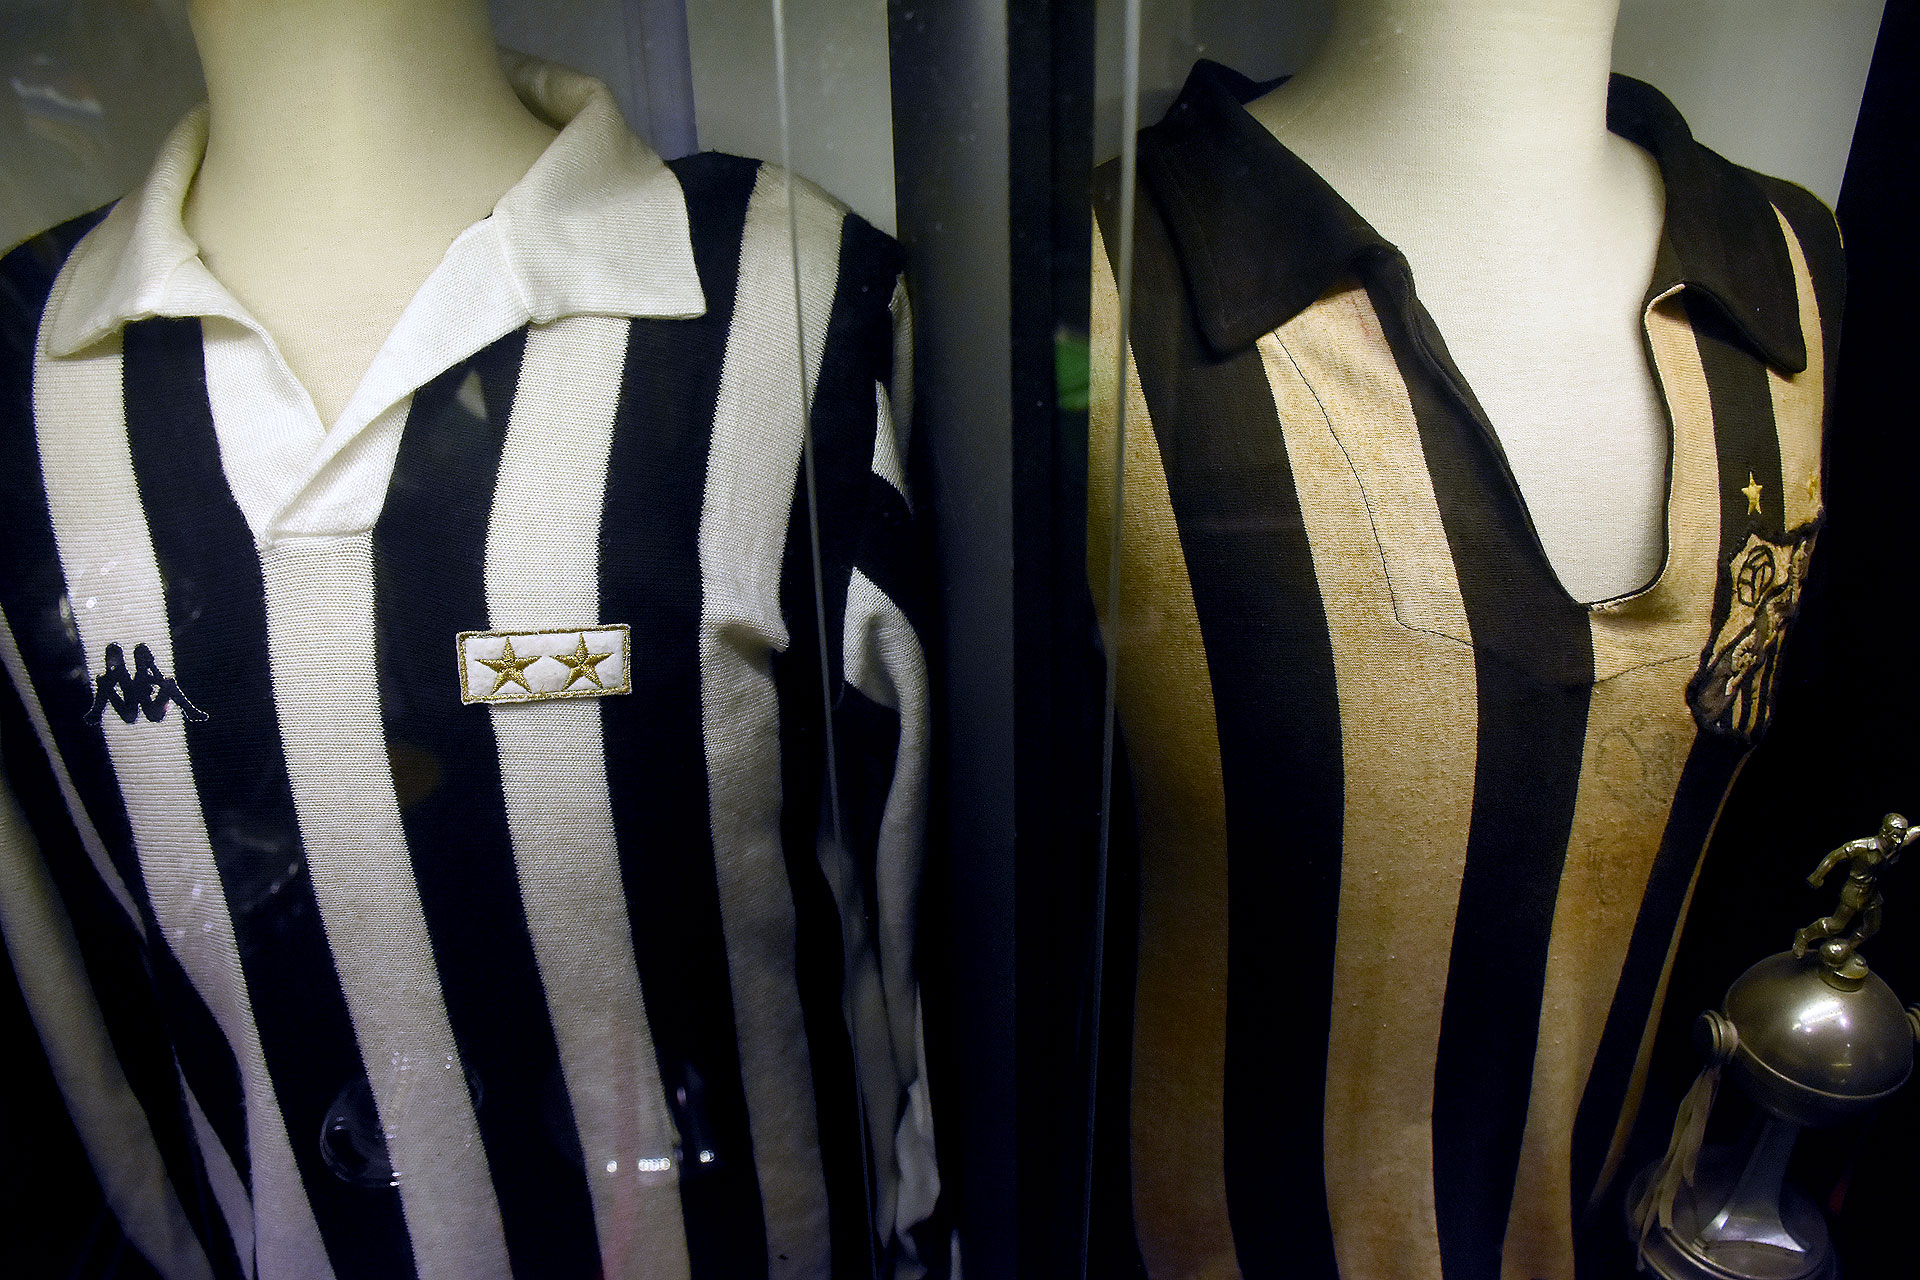 La titular de la Juventus de Michel Platini en la final de la Champions League de 1985 y la de Pelé, con el blanco amarillentado, de la final de la Libertadores 1964 que ganó con Santos (Nicolas Stulberg)